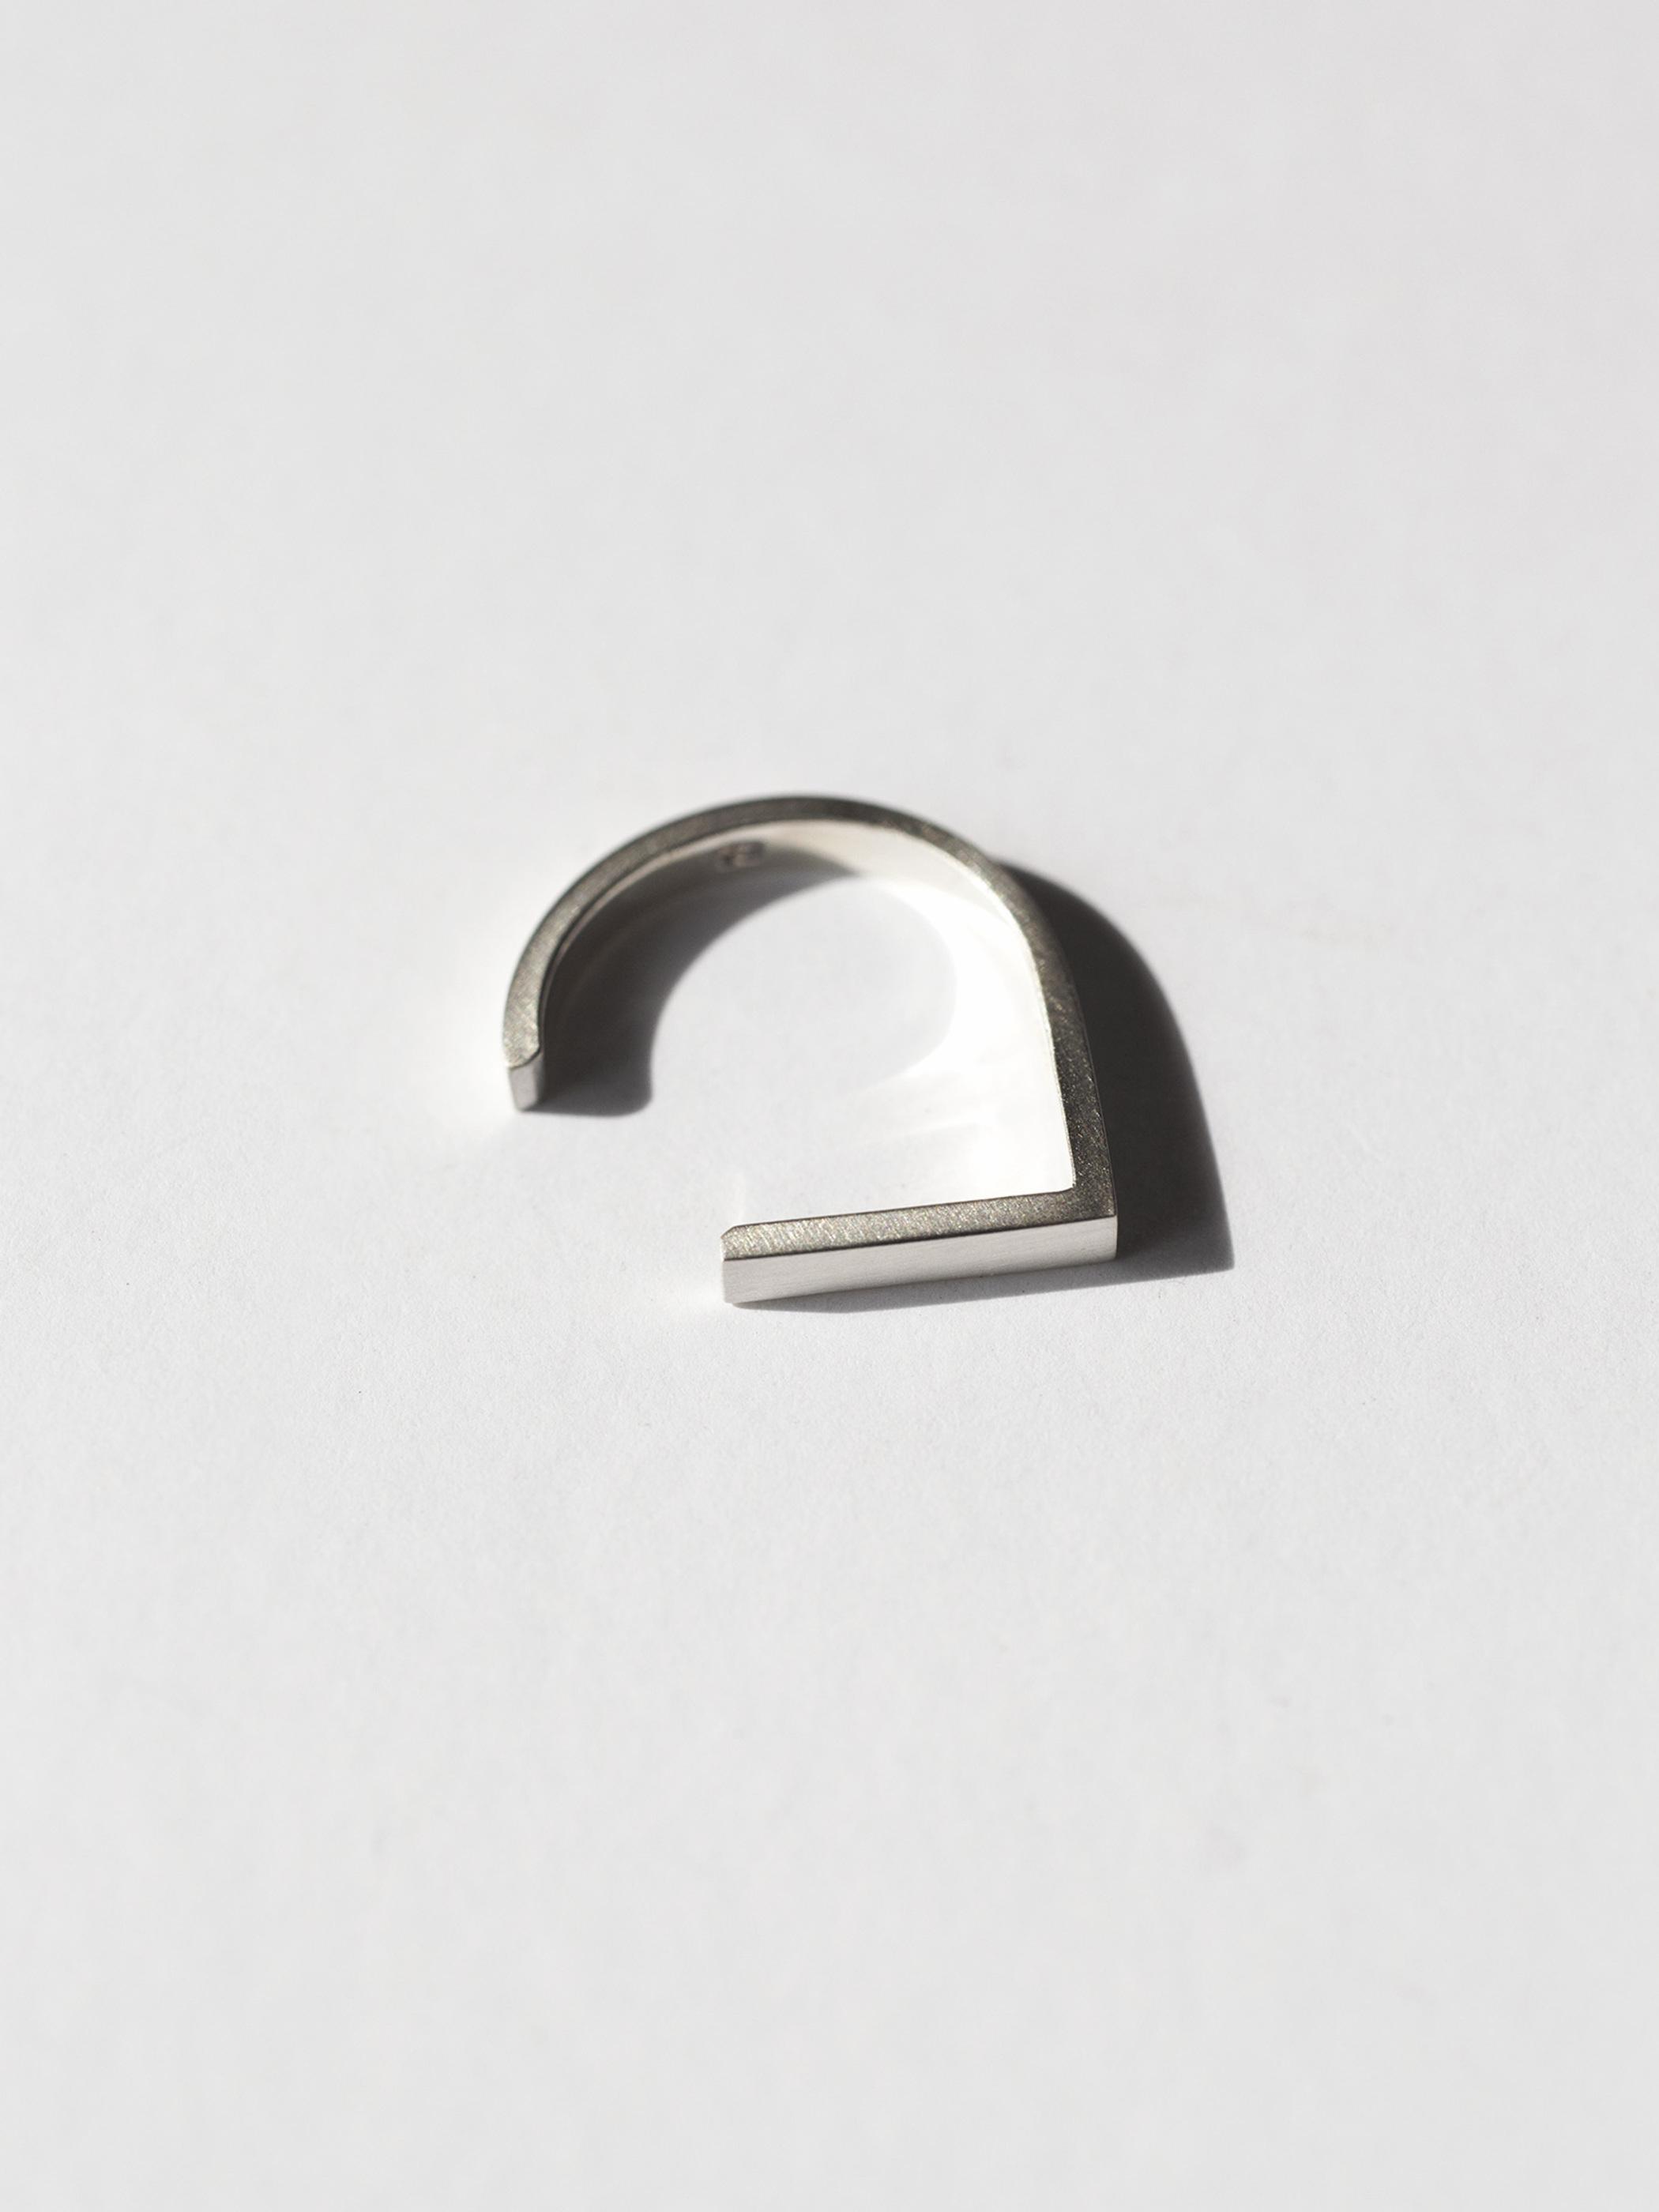 HARDWEAR ハードウェア リング(平打) シルバーカラー S / M